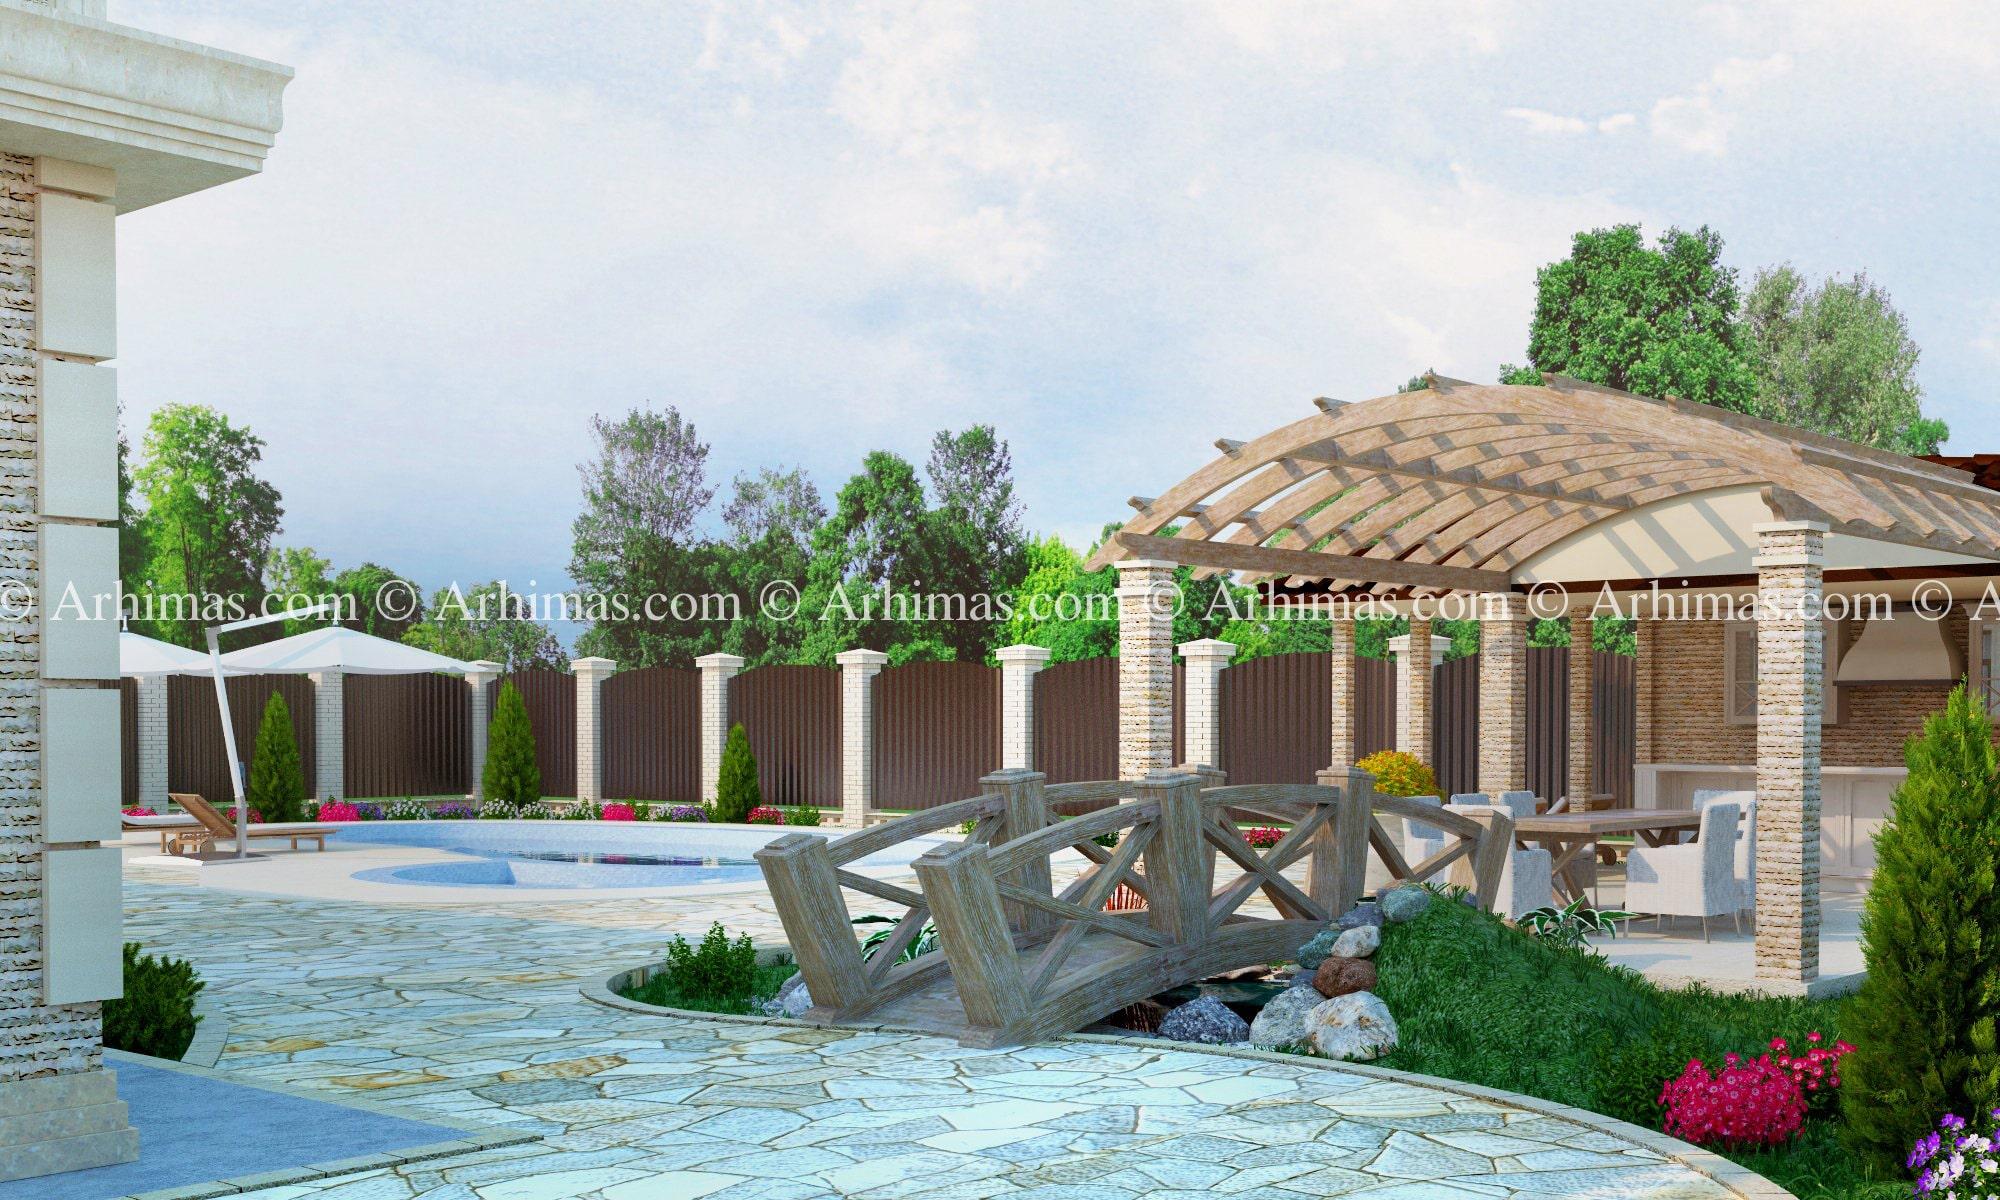 Главными архитекторами этого проекта являются Мельников Андрей и Виктор Ефимчук.